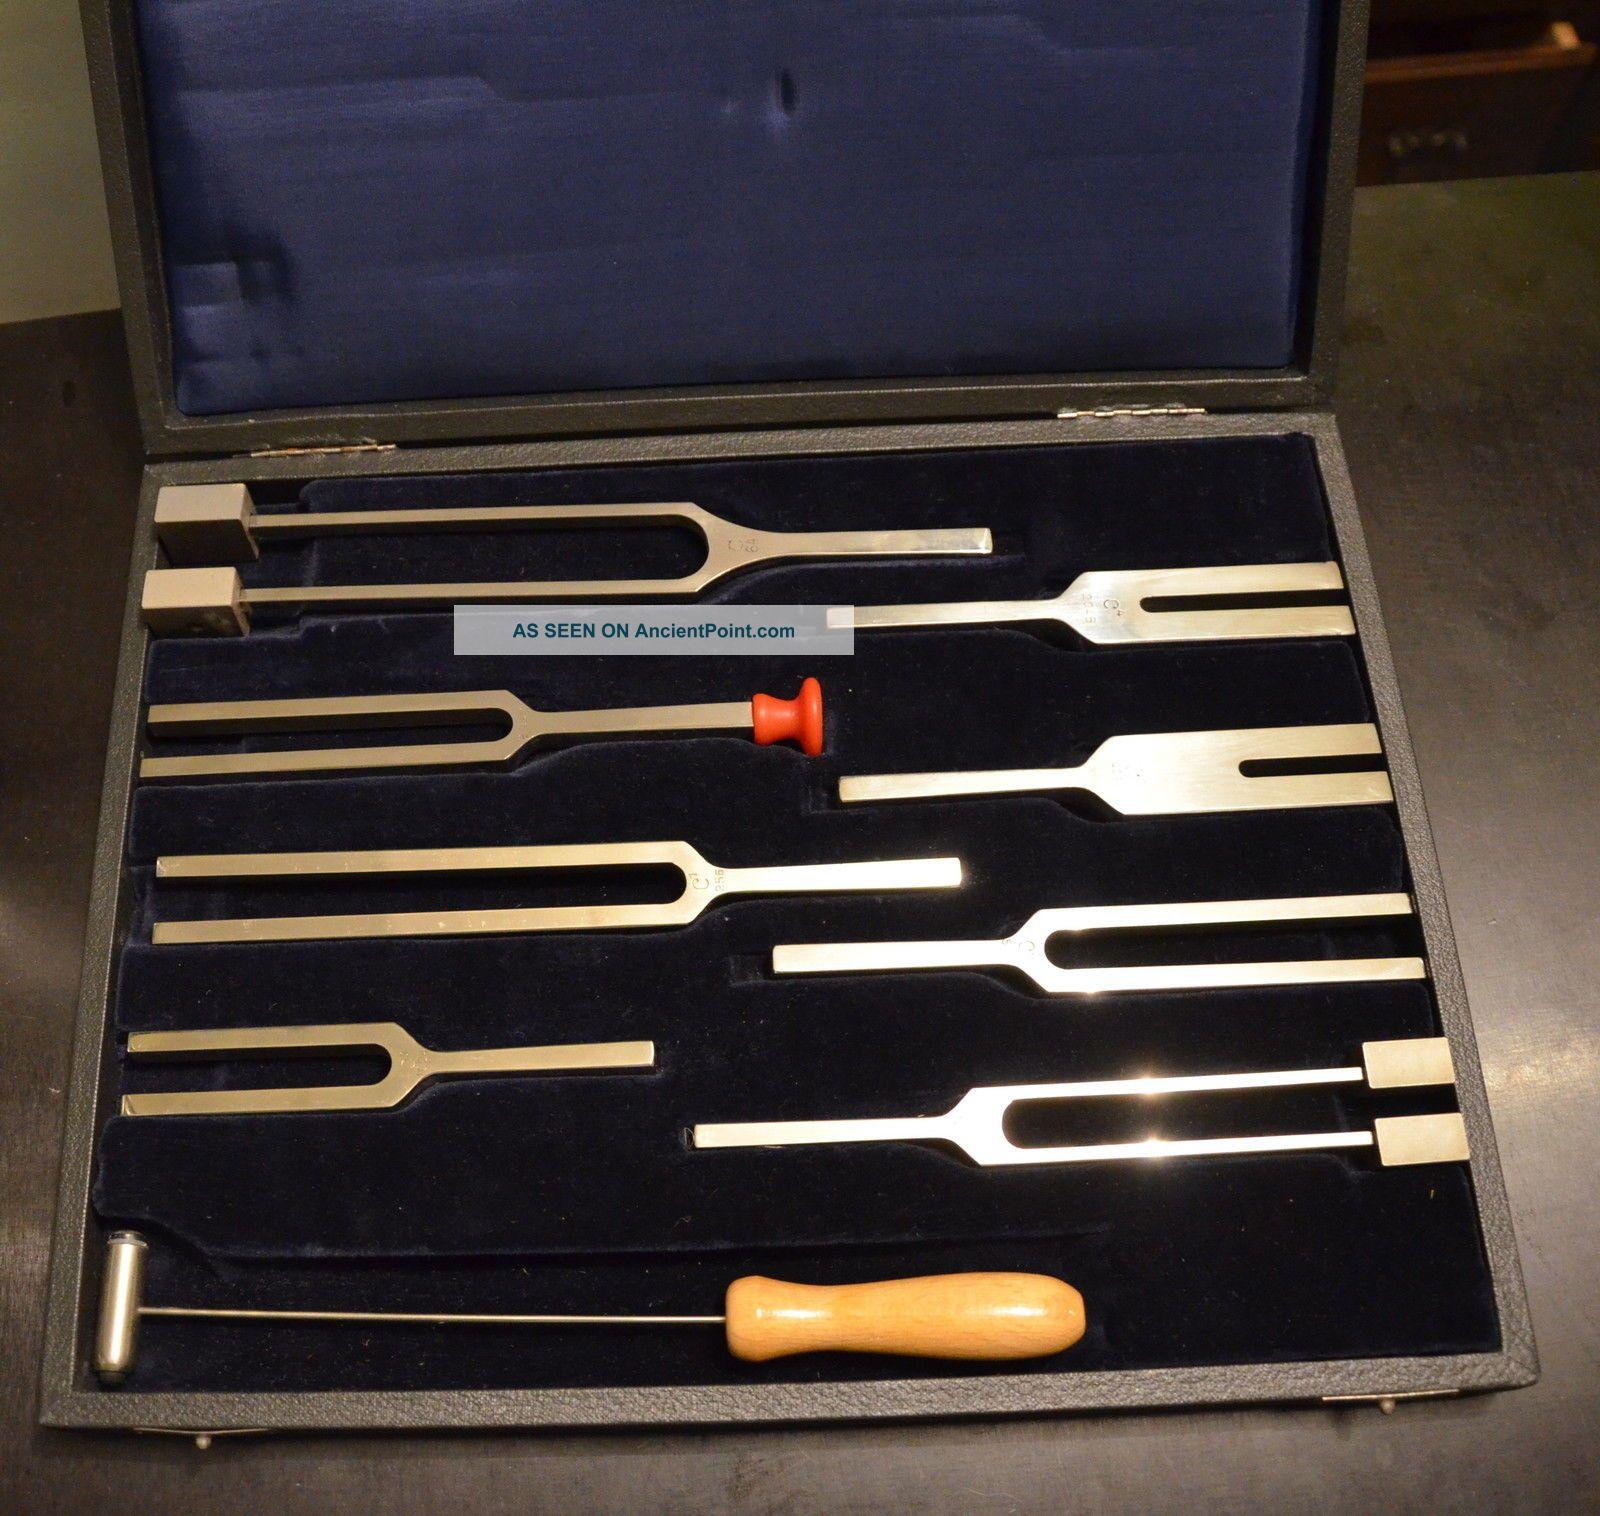 Vintage Set Of 8 Tuning Forks Marked Pitch + Hertz & Mallet & Velvet Lined Case Other photo